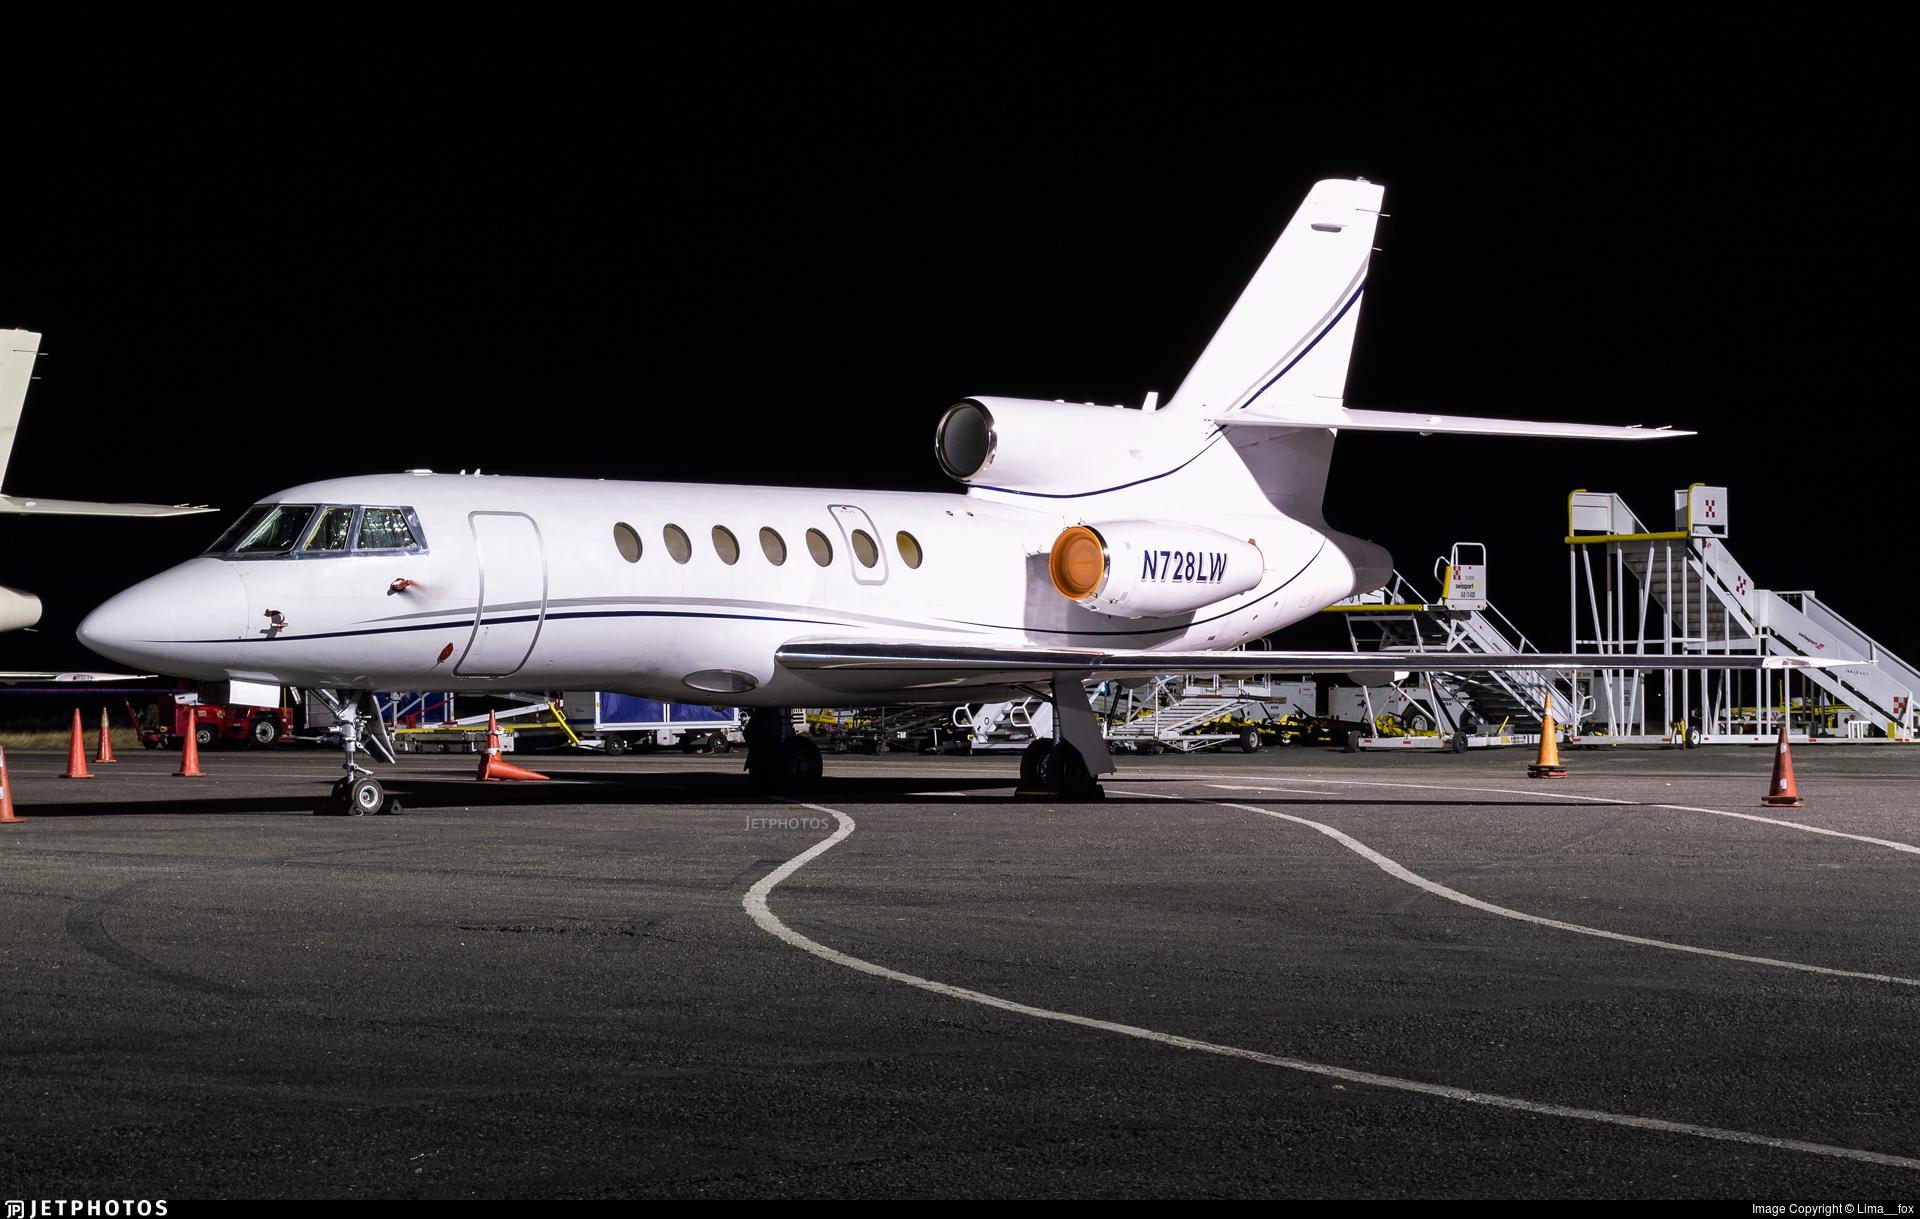 N728LW - Dassault Falcon 50 - Private